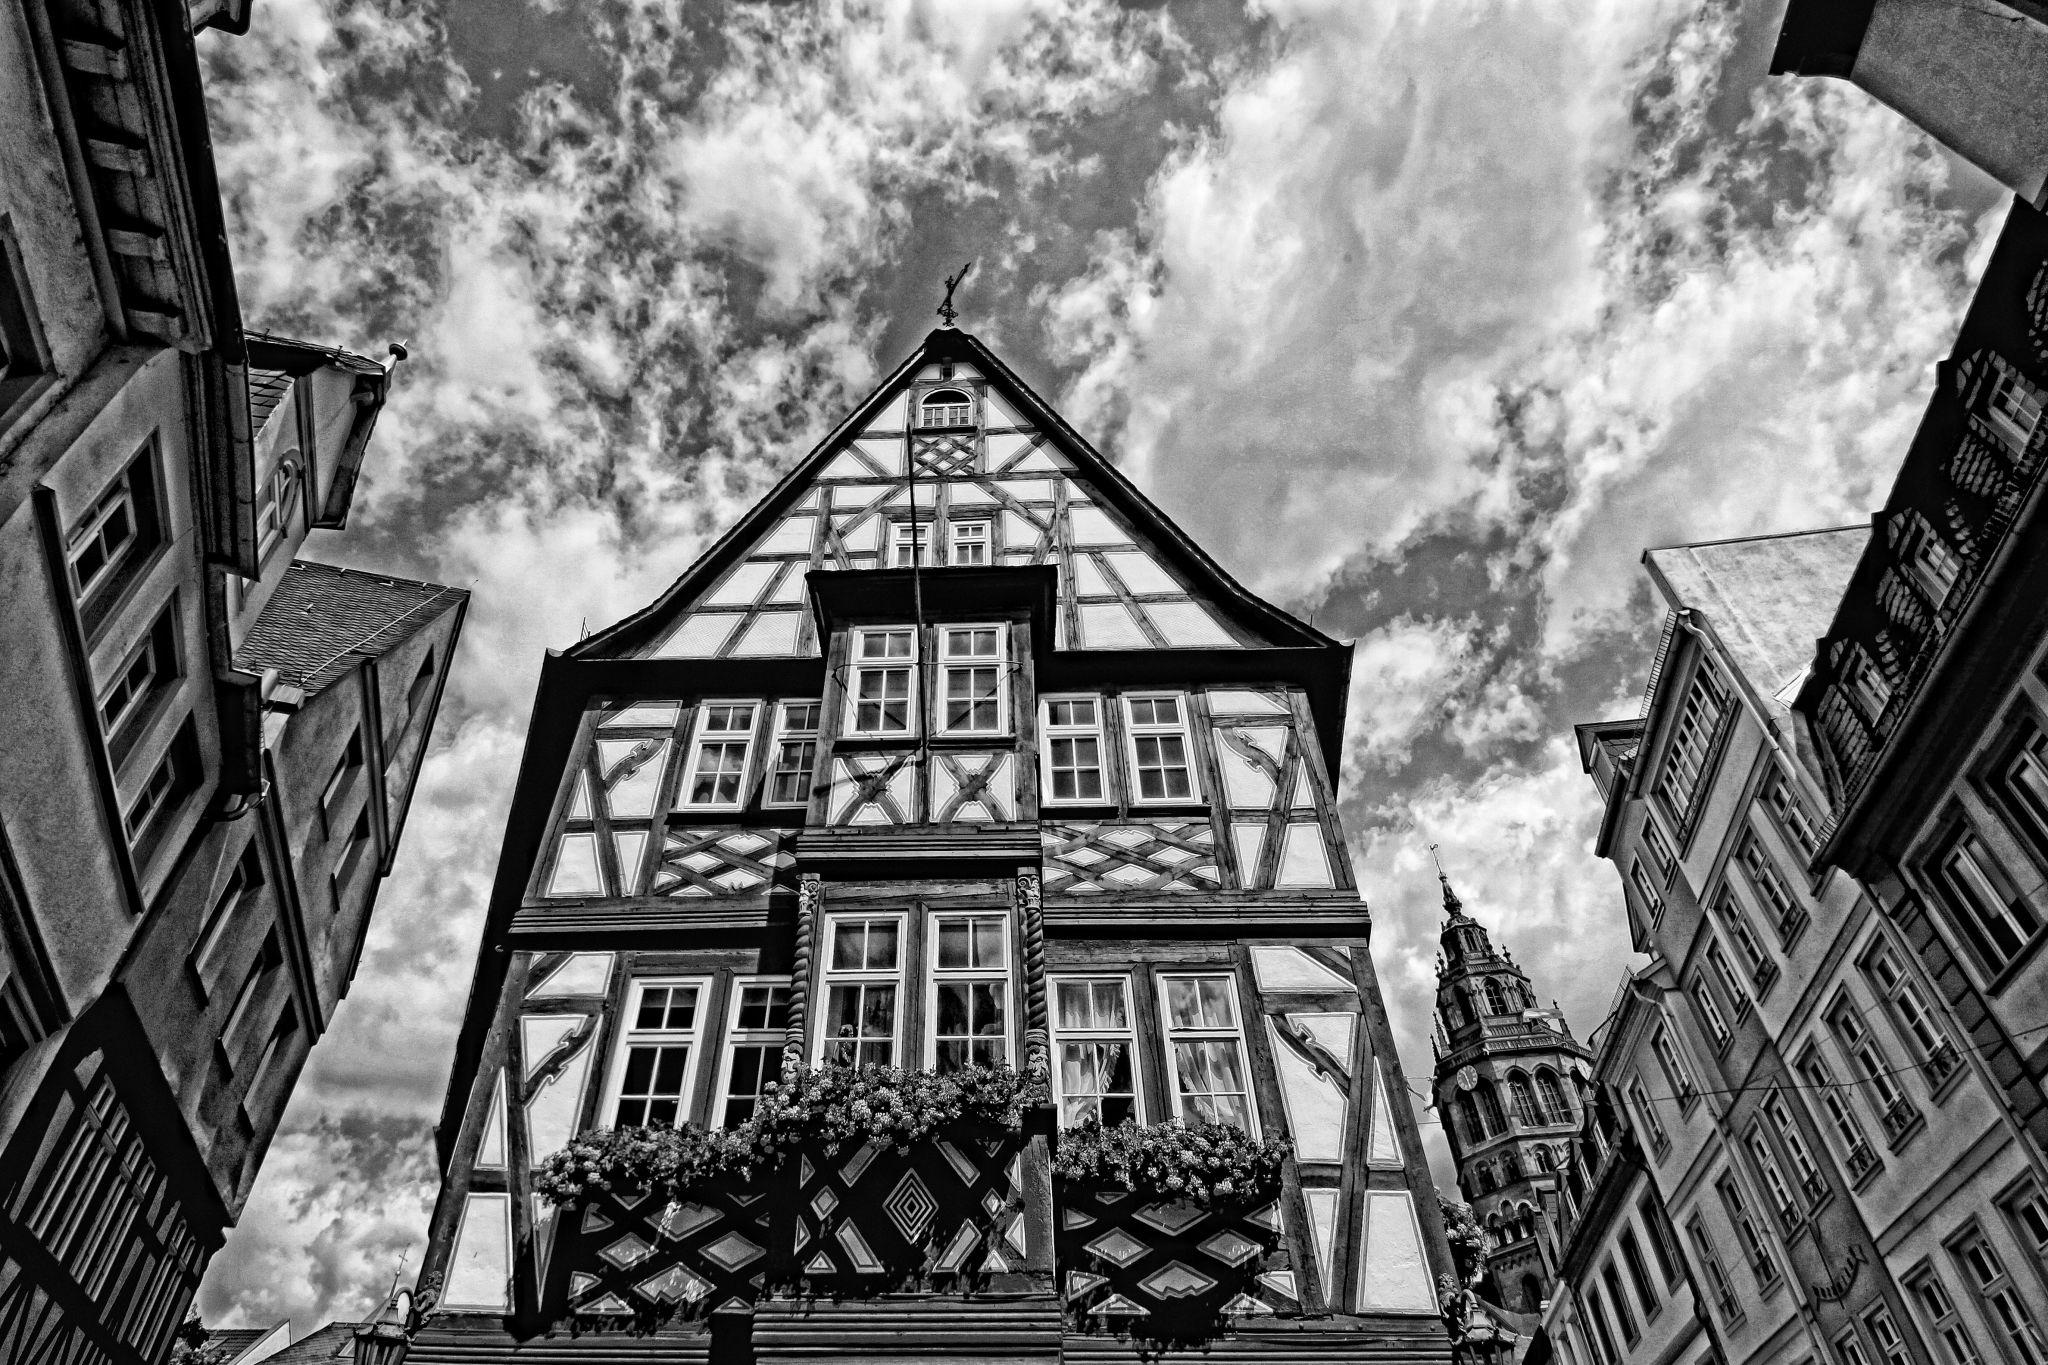 Im Kirschgarten in Mainz (Rhineland-Palatinate), Germany